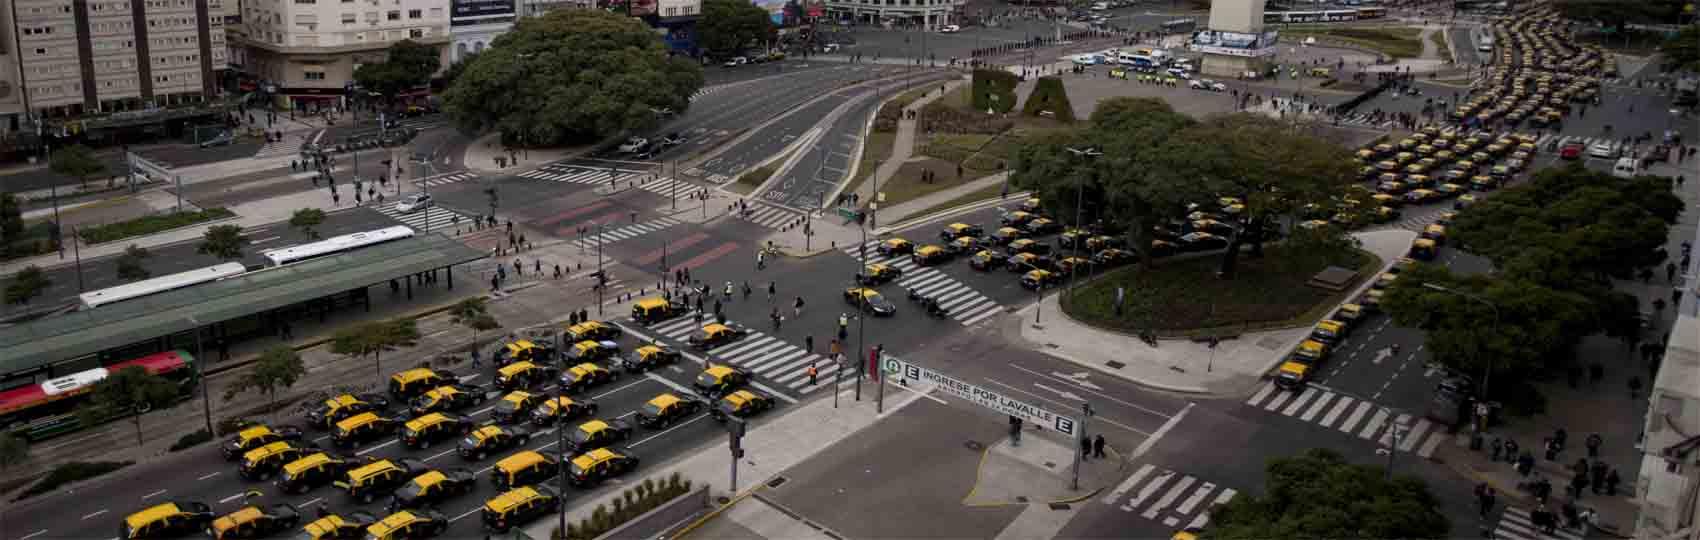 Noticias del sector del taxi y la movilidad en Argentina. Mantente informado de todas las noticias del taxi de Argentina en el grupo de Facebook de Todo Taxi.